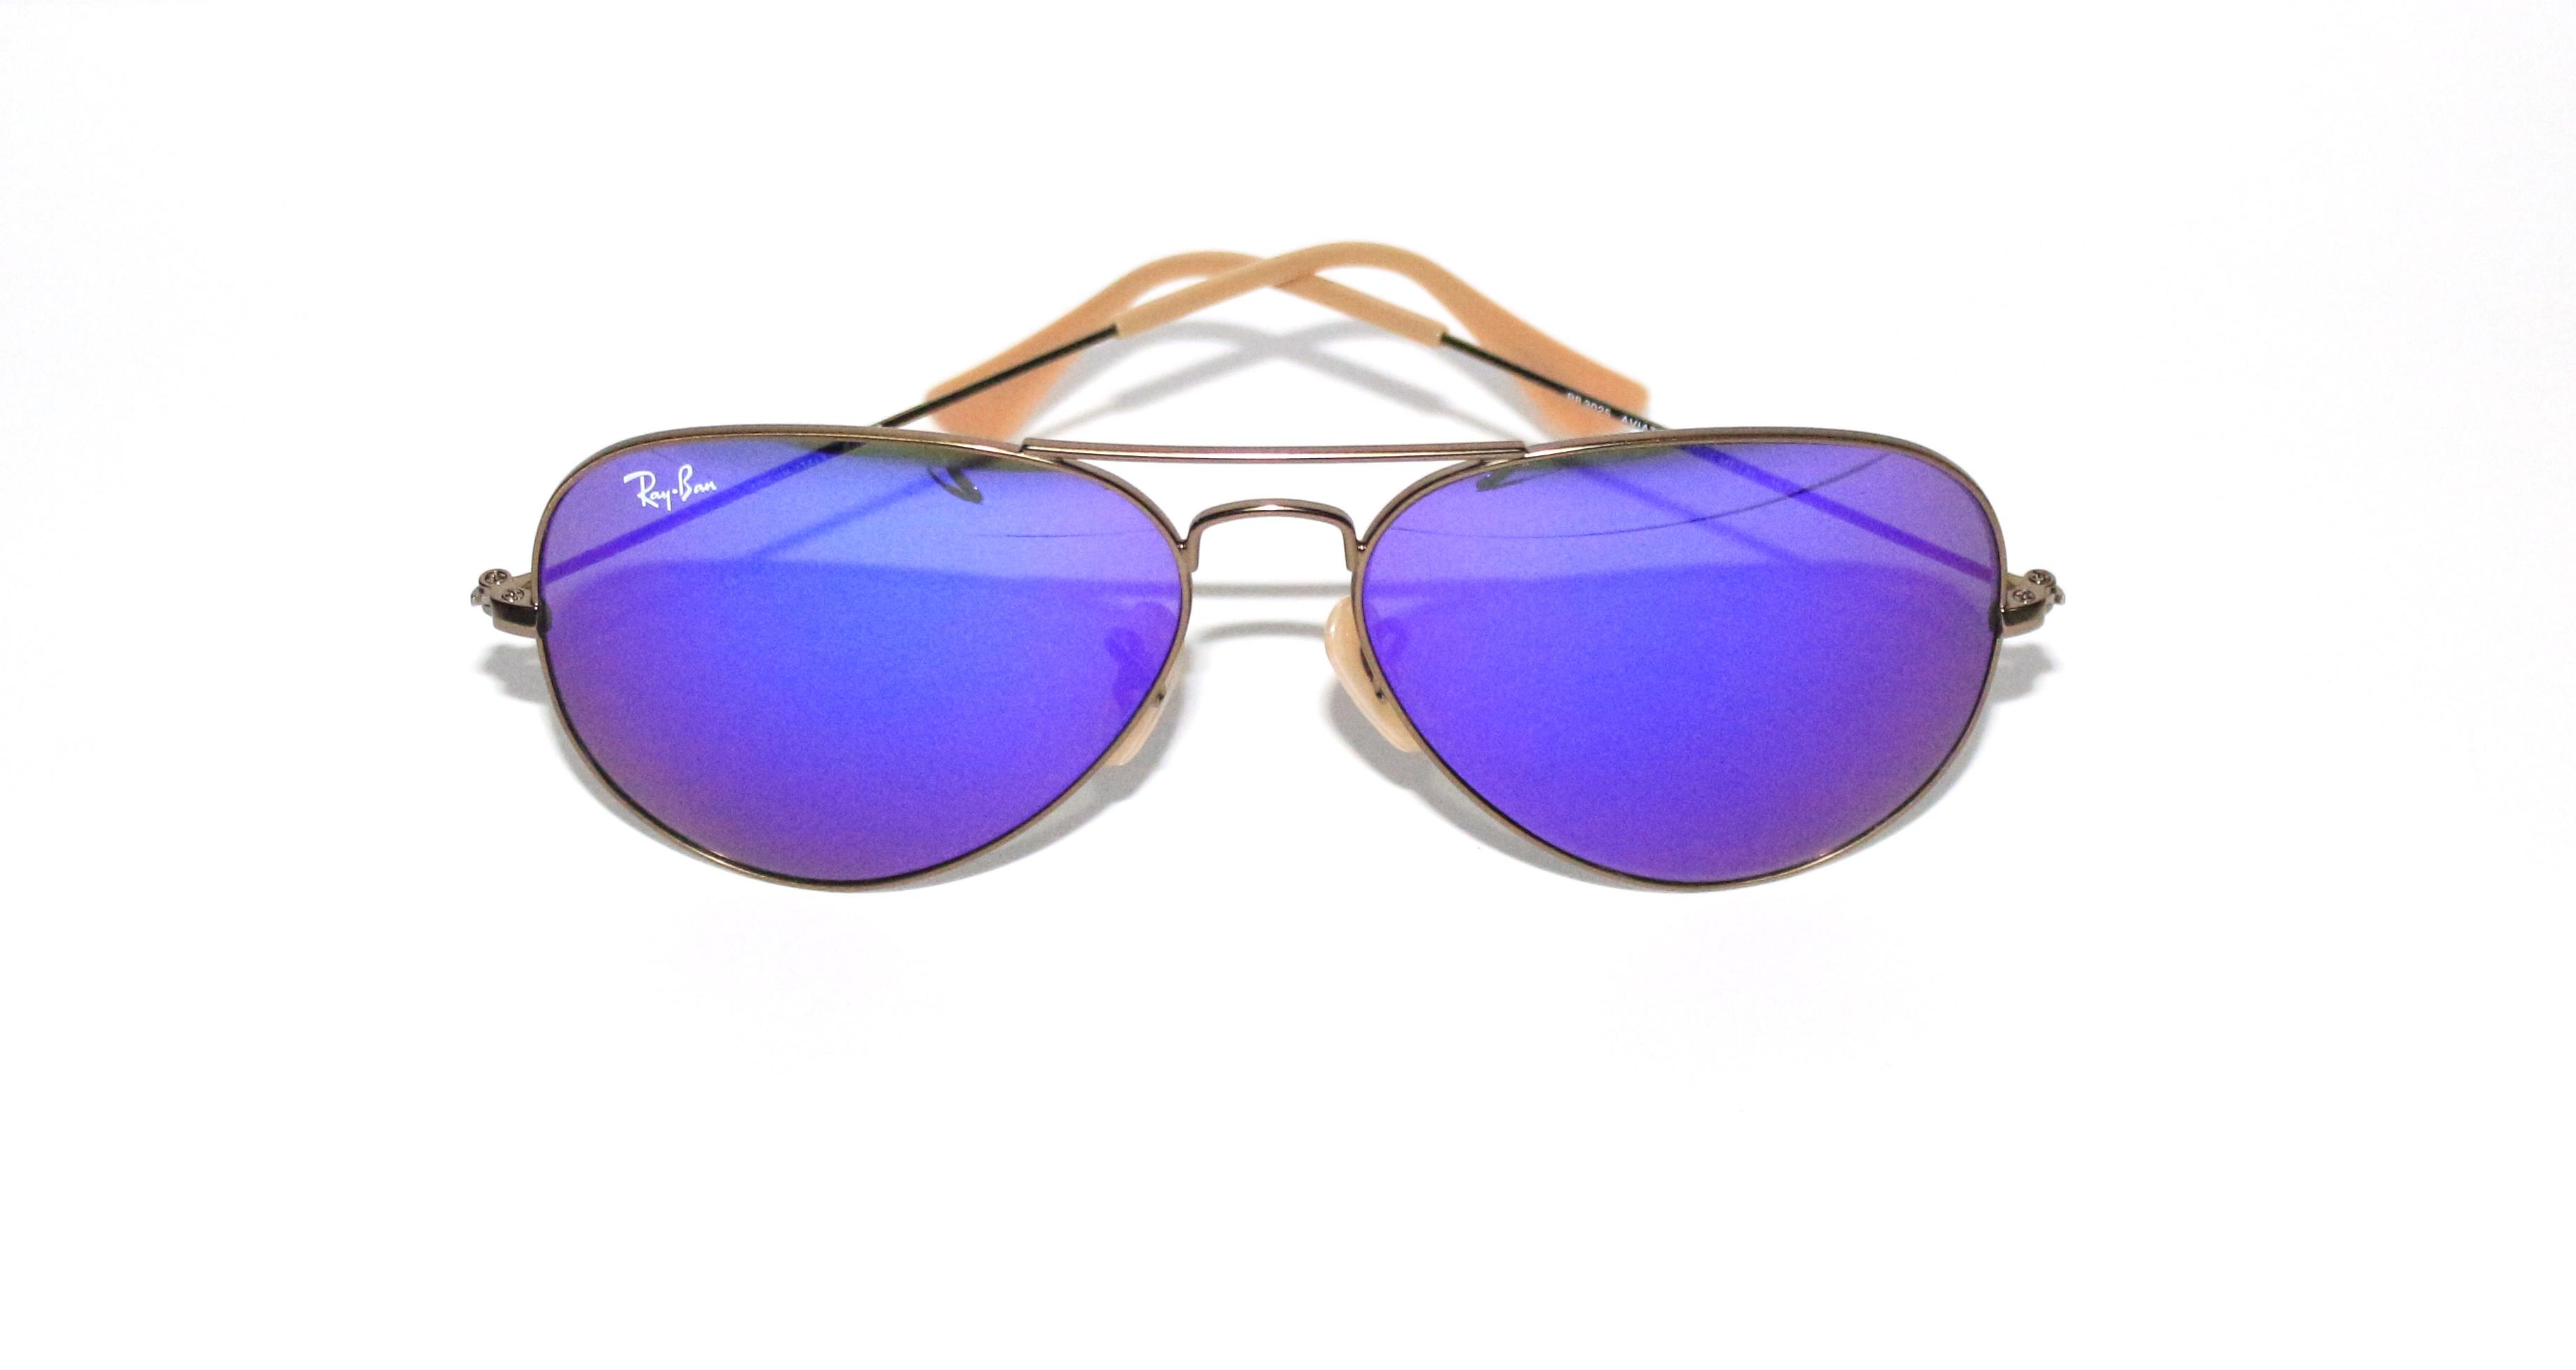 Замовити окуляри Рей Беноригінальні знижка 45%!